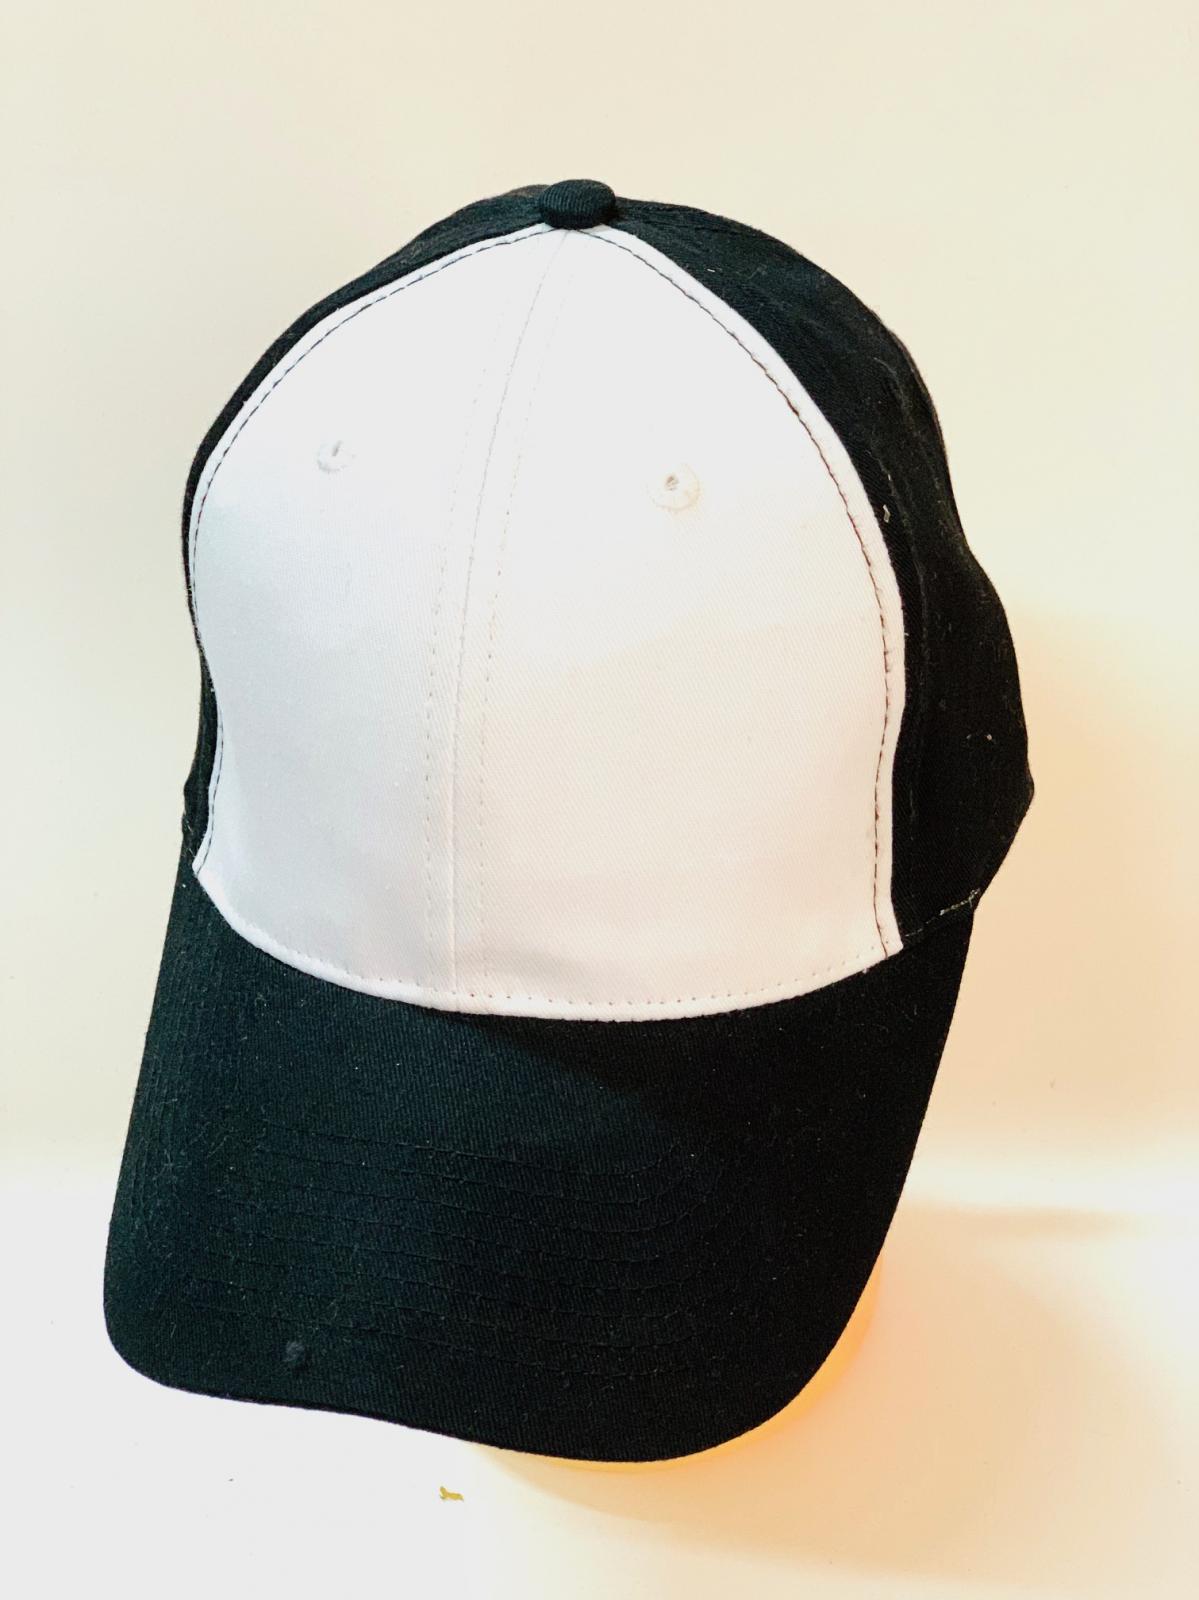 Черная бейсболка с белыми вставками на тулье